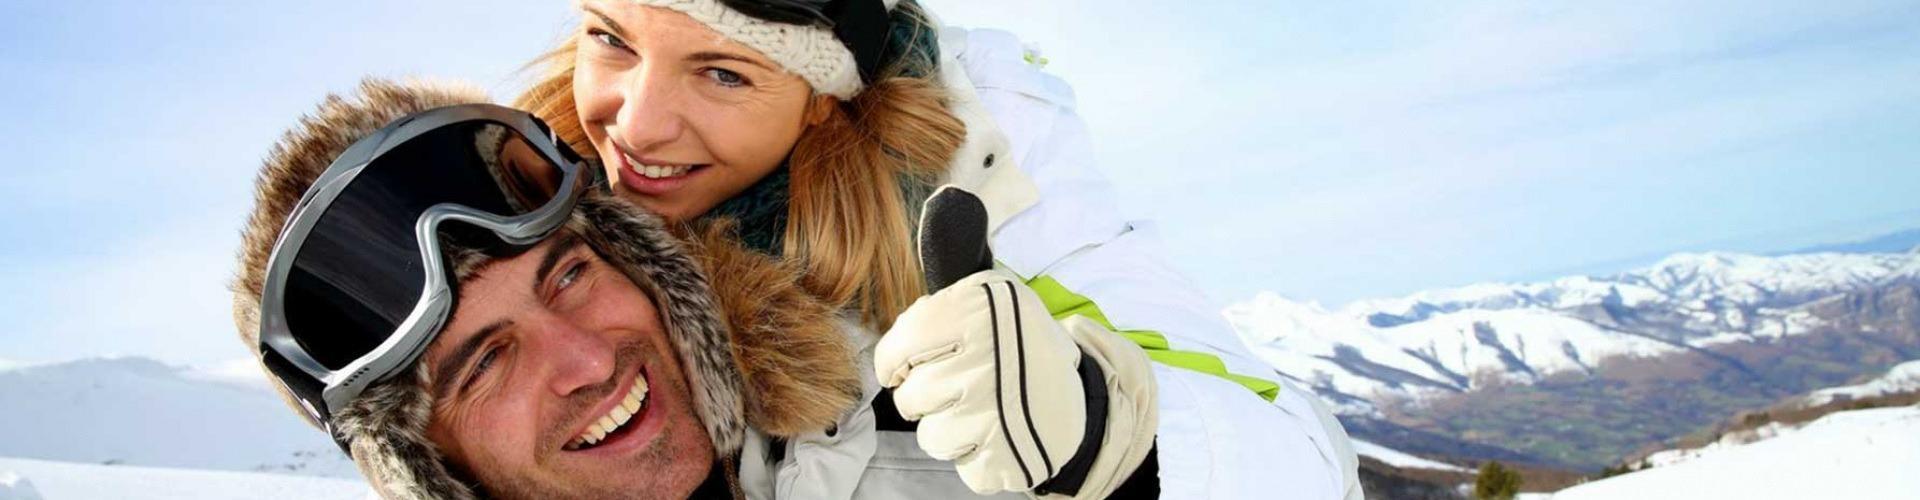 Miért fontos a téli kiruccanás?